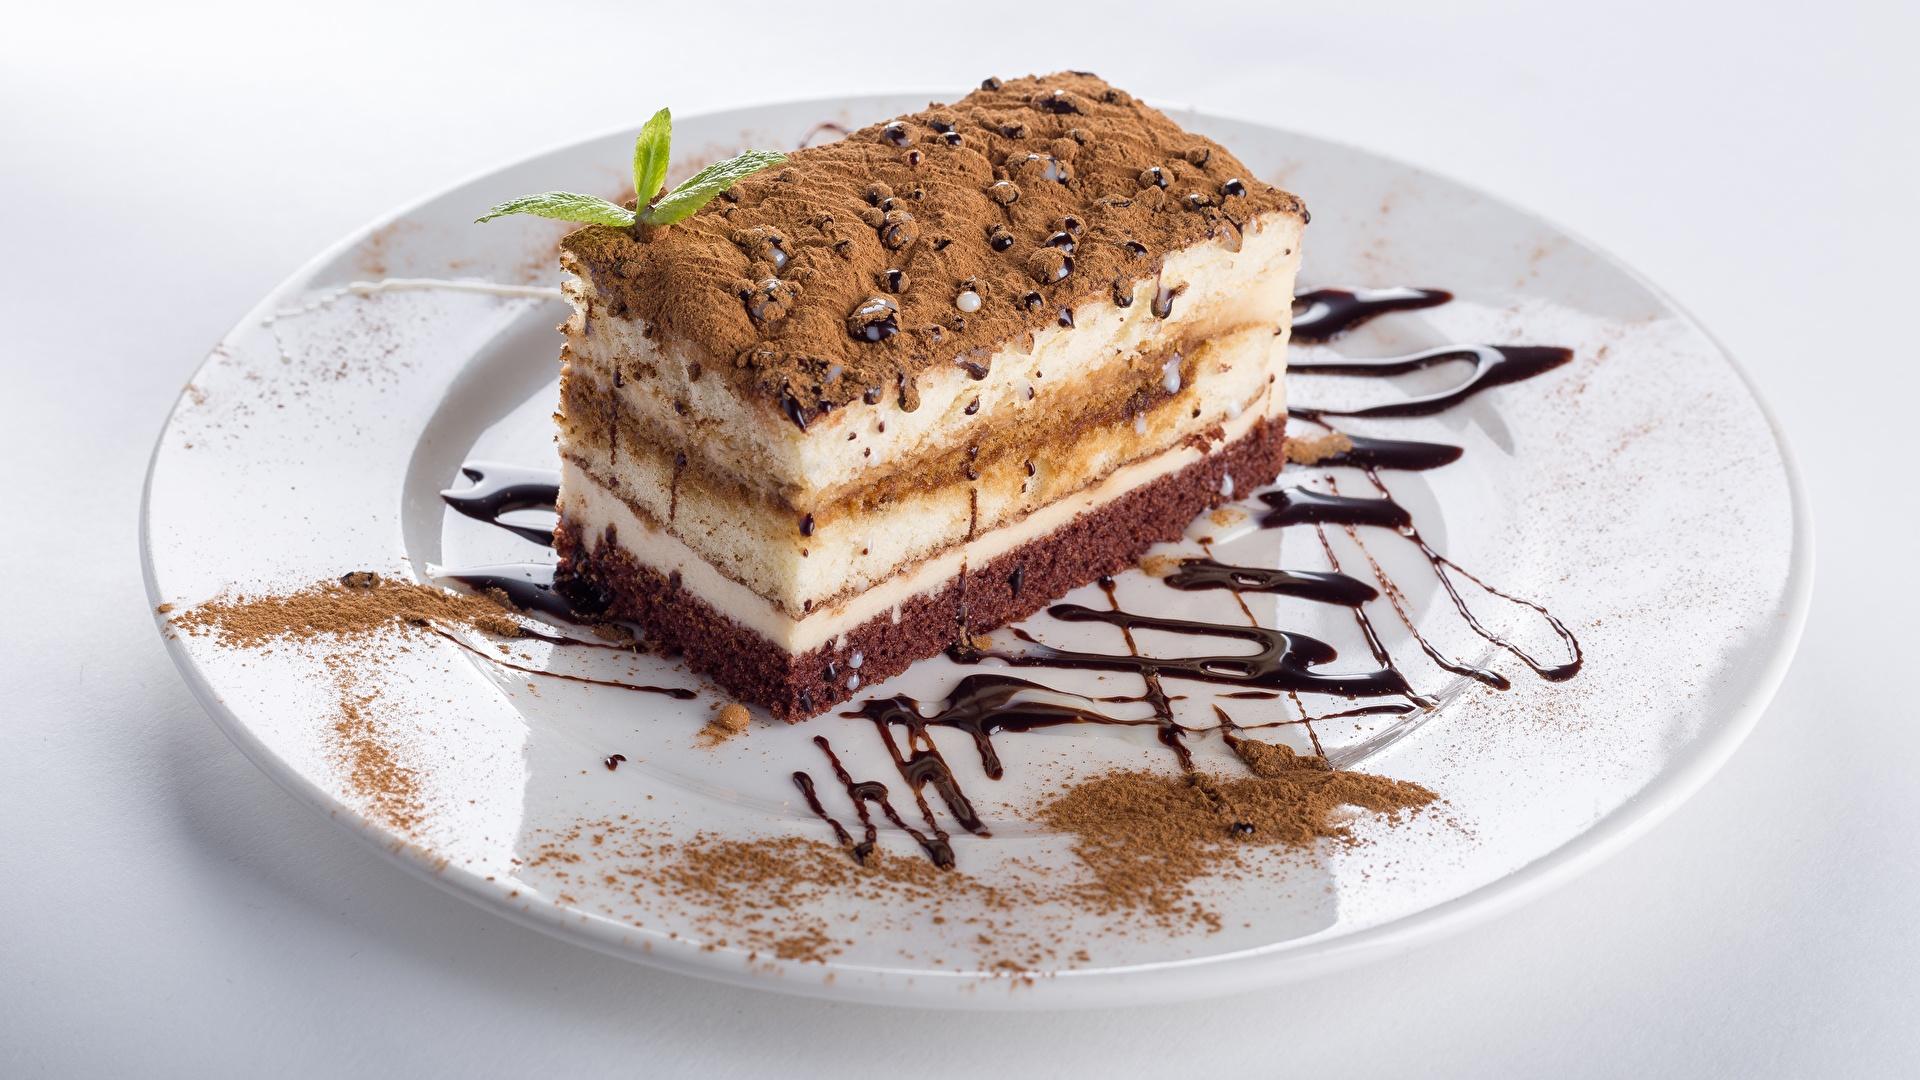 Фотографии Торты Какао порошок кусочек Еда Тарелка 1920x1080 часть Кусок кусочки Пища тарелке Продукты питания